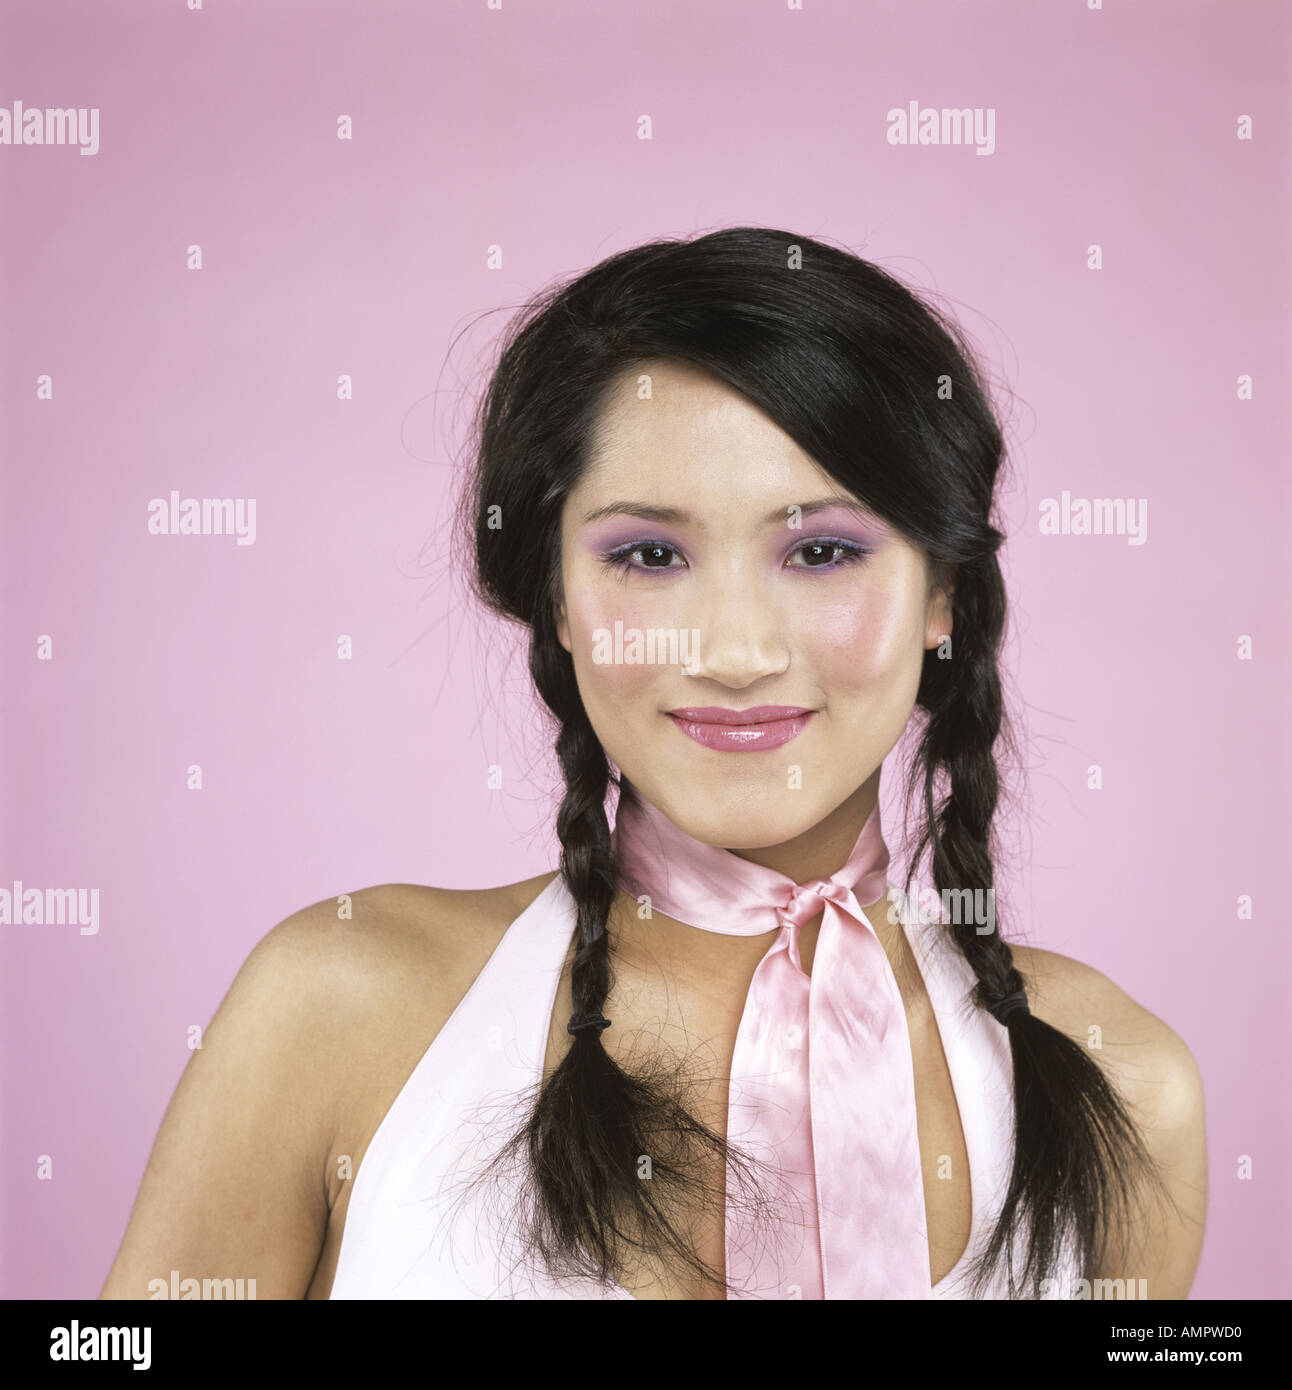 Giovane donna sorridente, close-up Immagini Stock